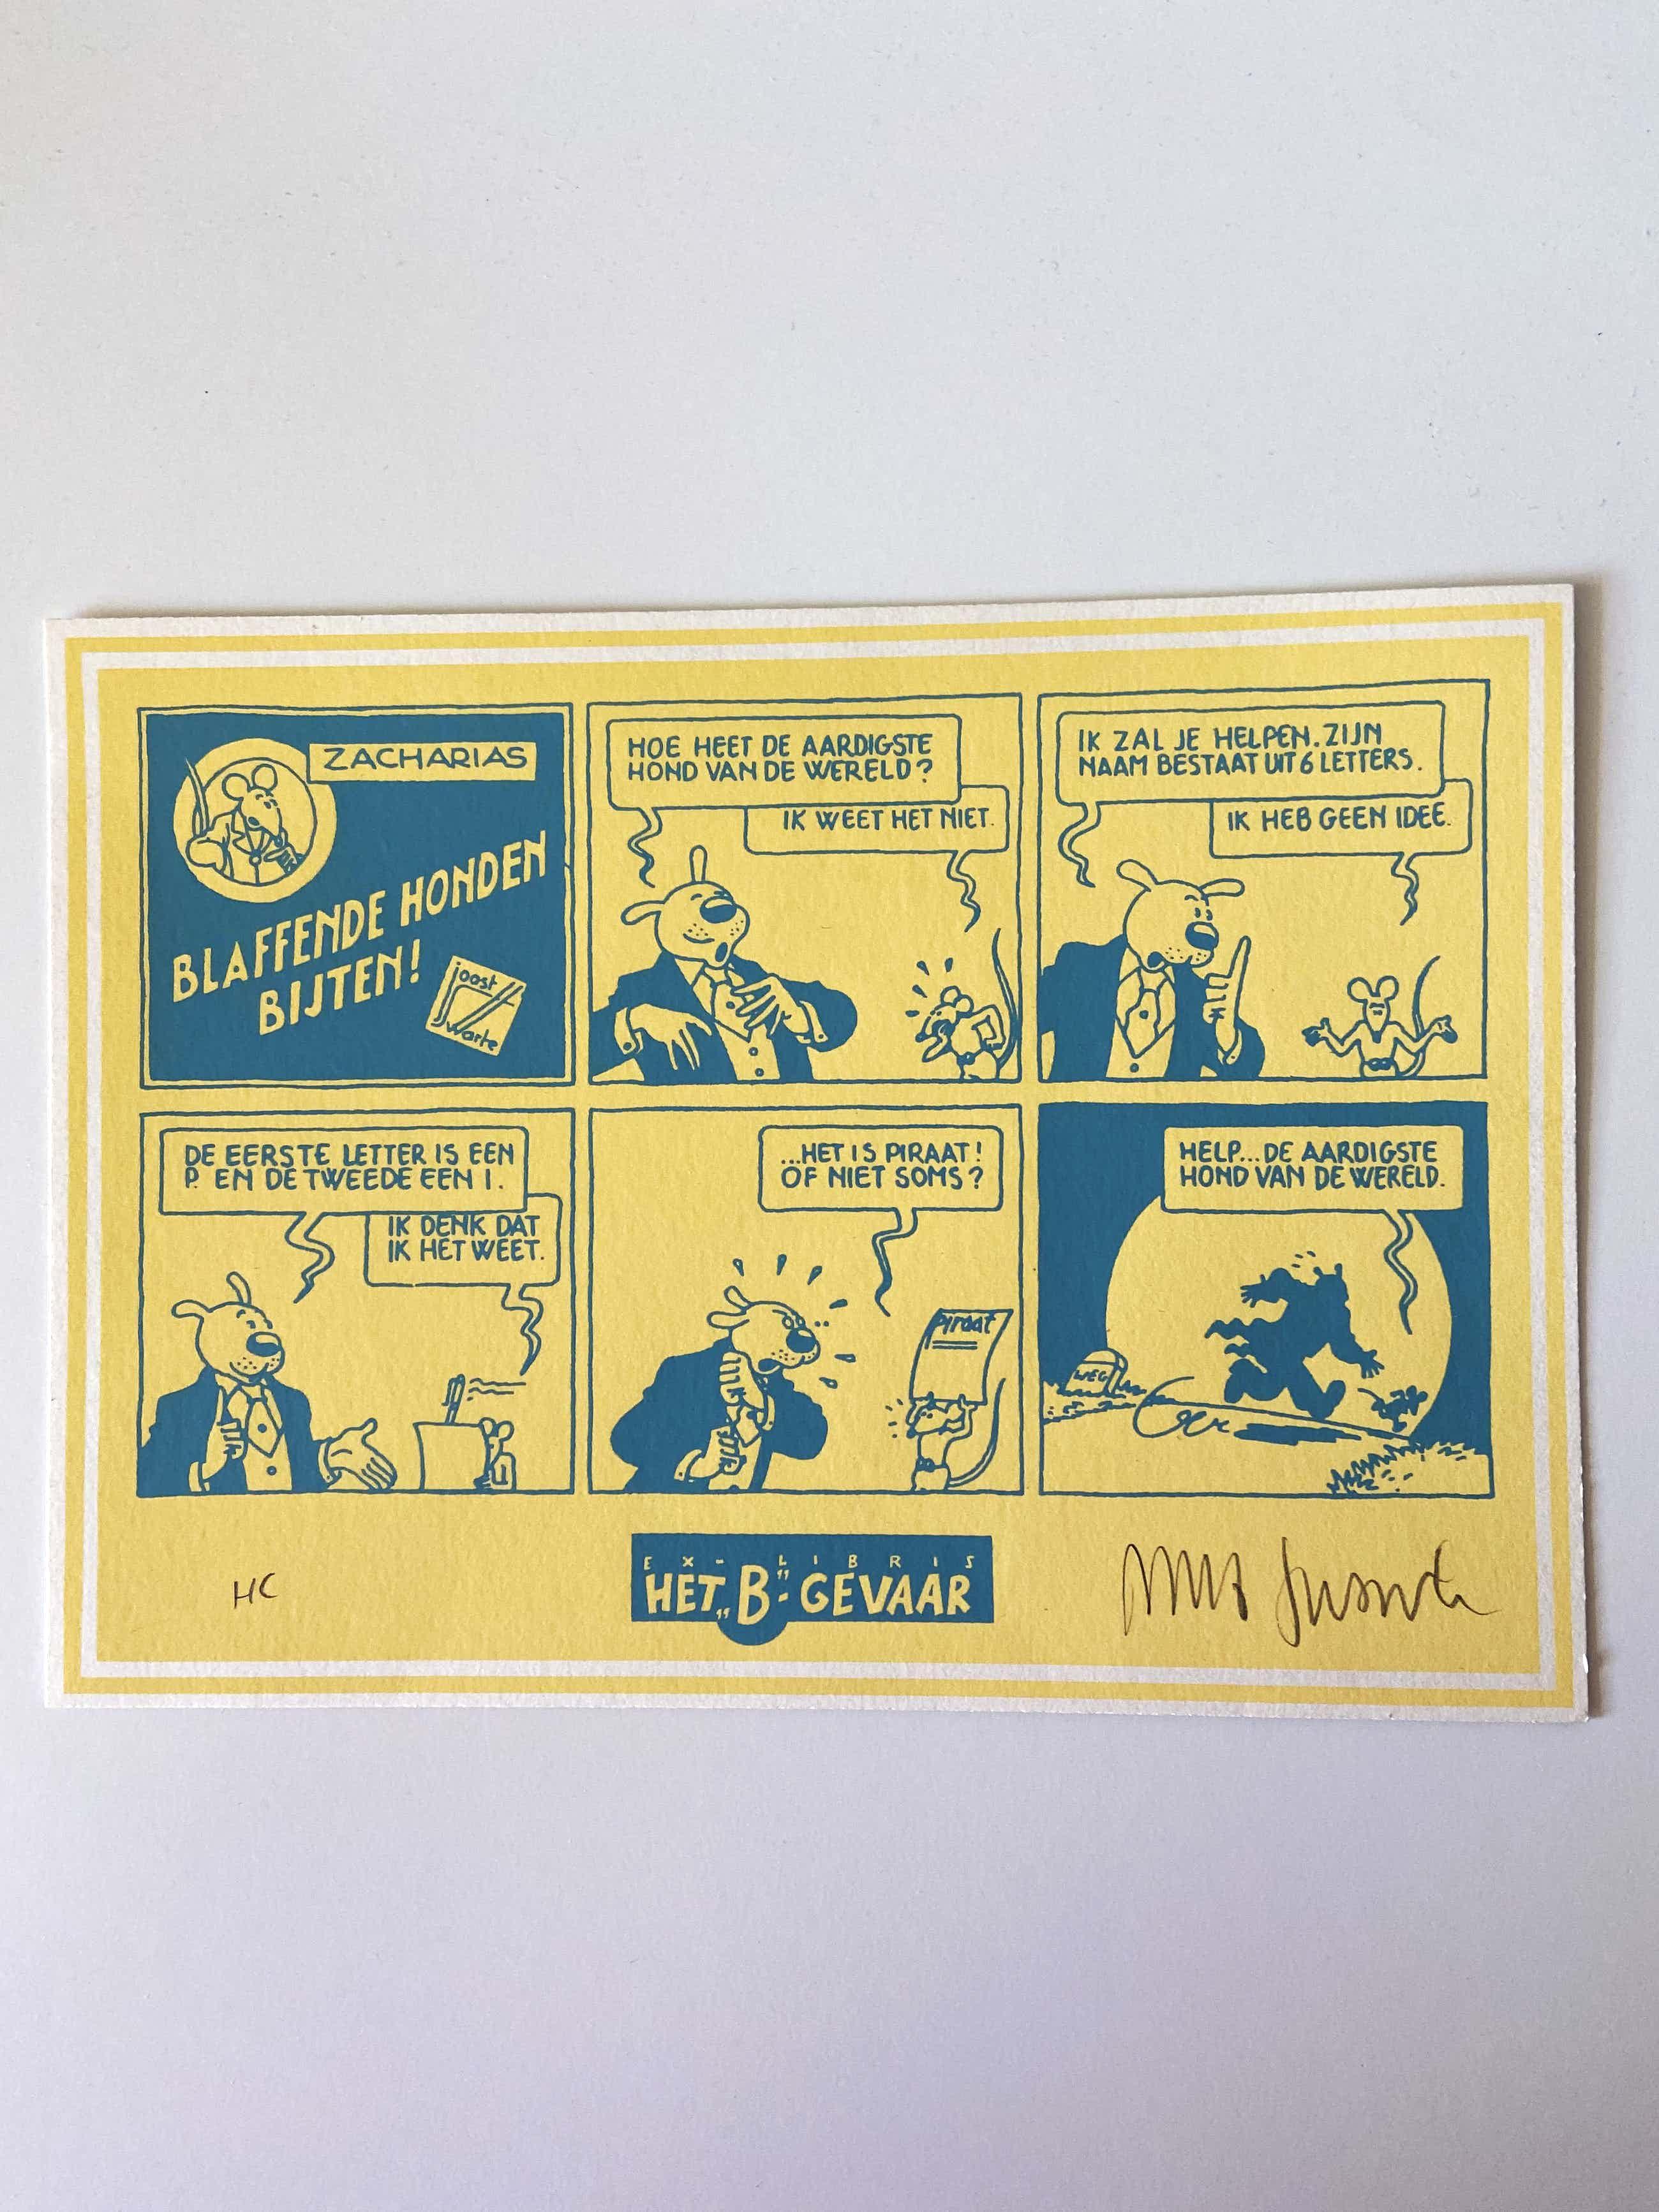 """Joost Swarte - """"Blaffende honden bijten!"""" en Ontwerp raam bibliotheek Alphen a.d. Rijn kopen? Bied vanaf 45!"""